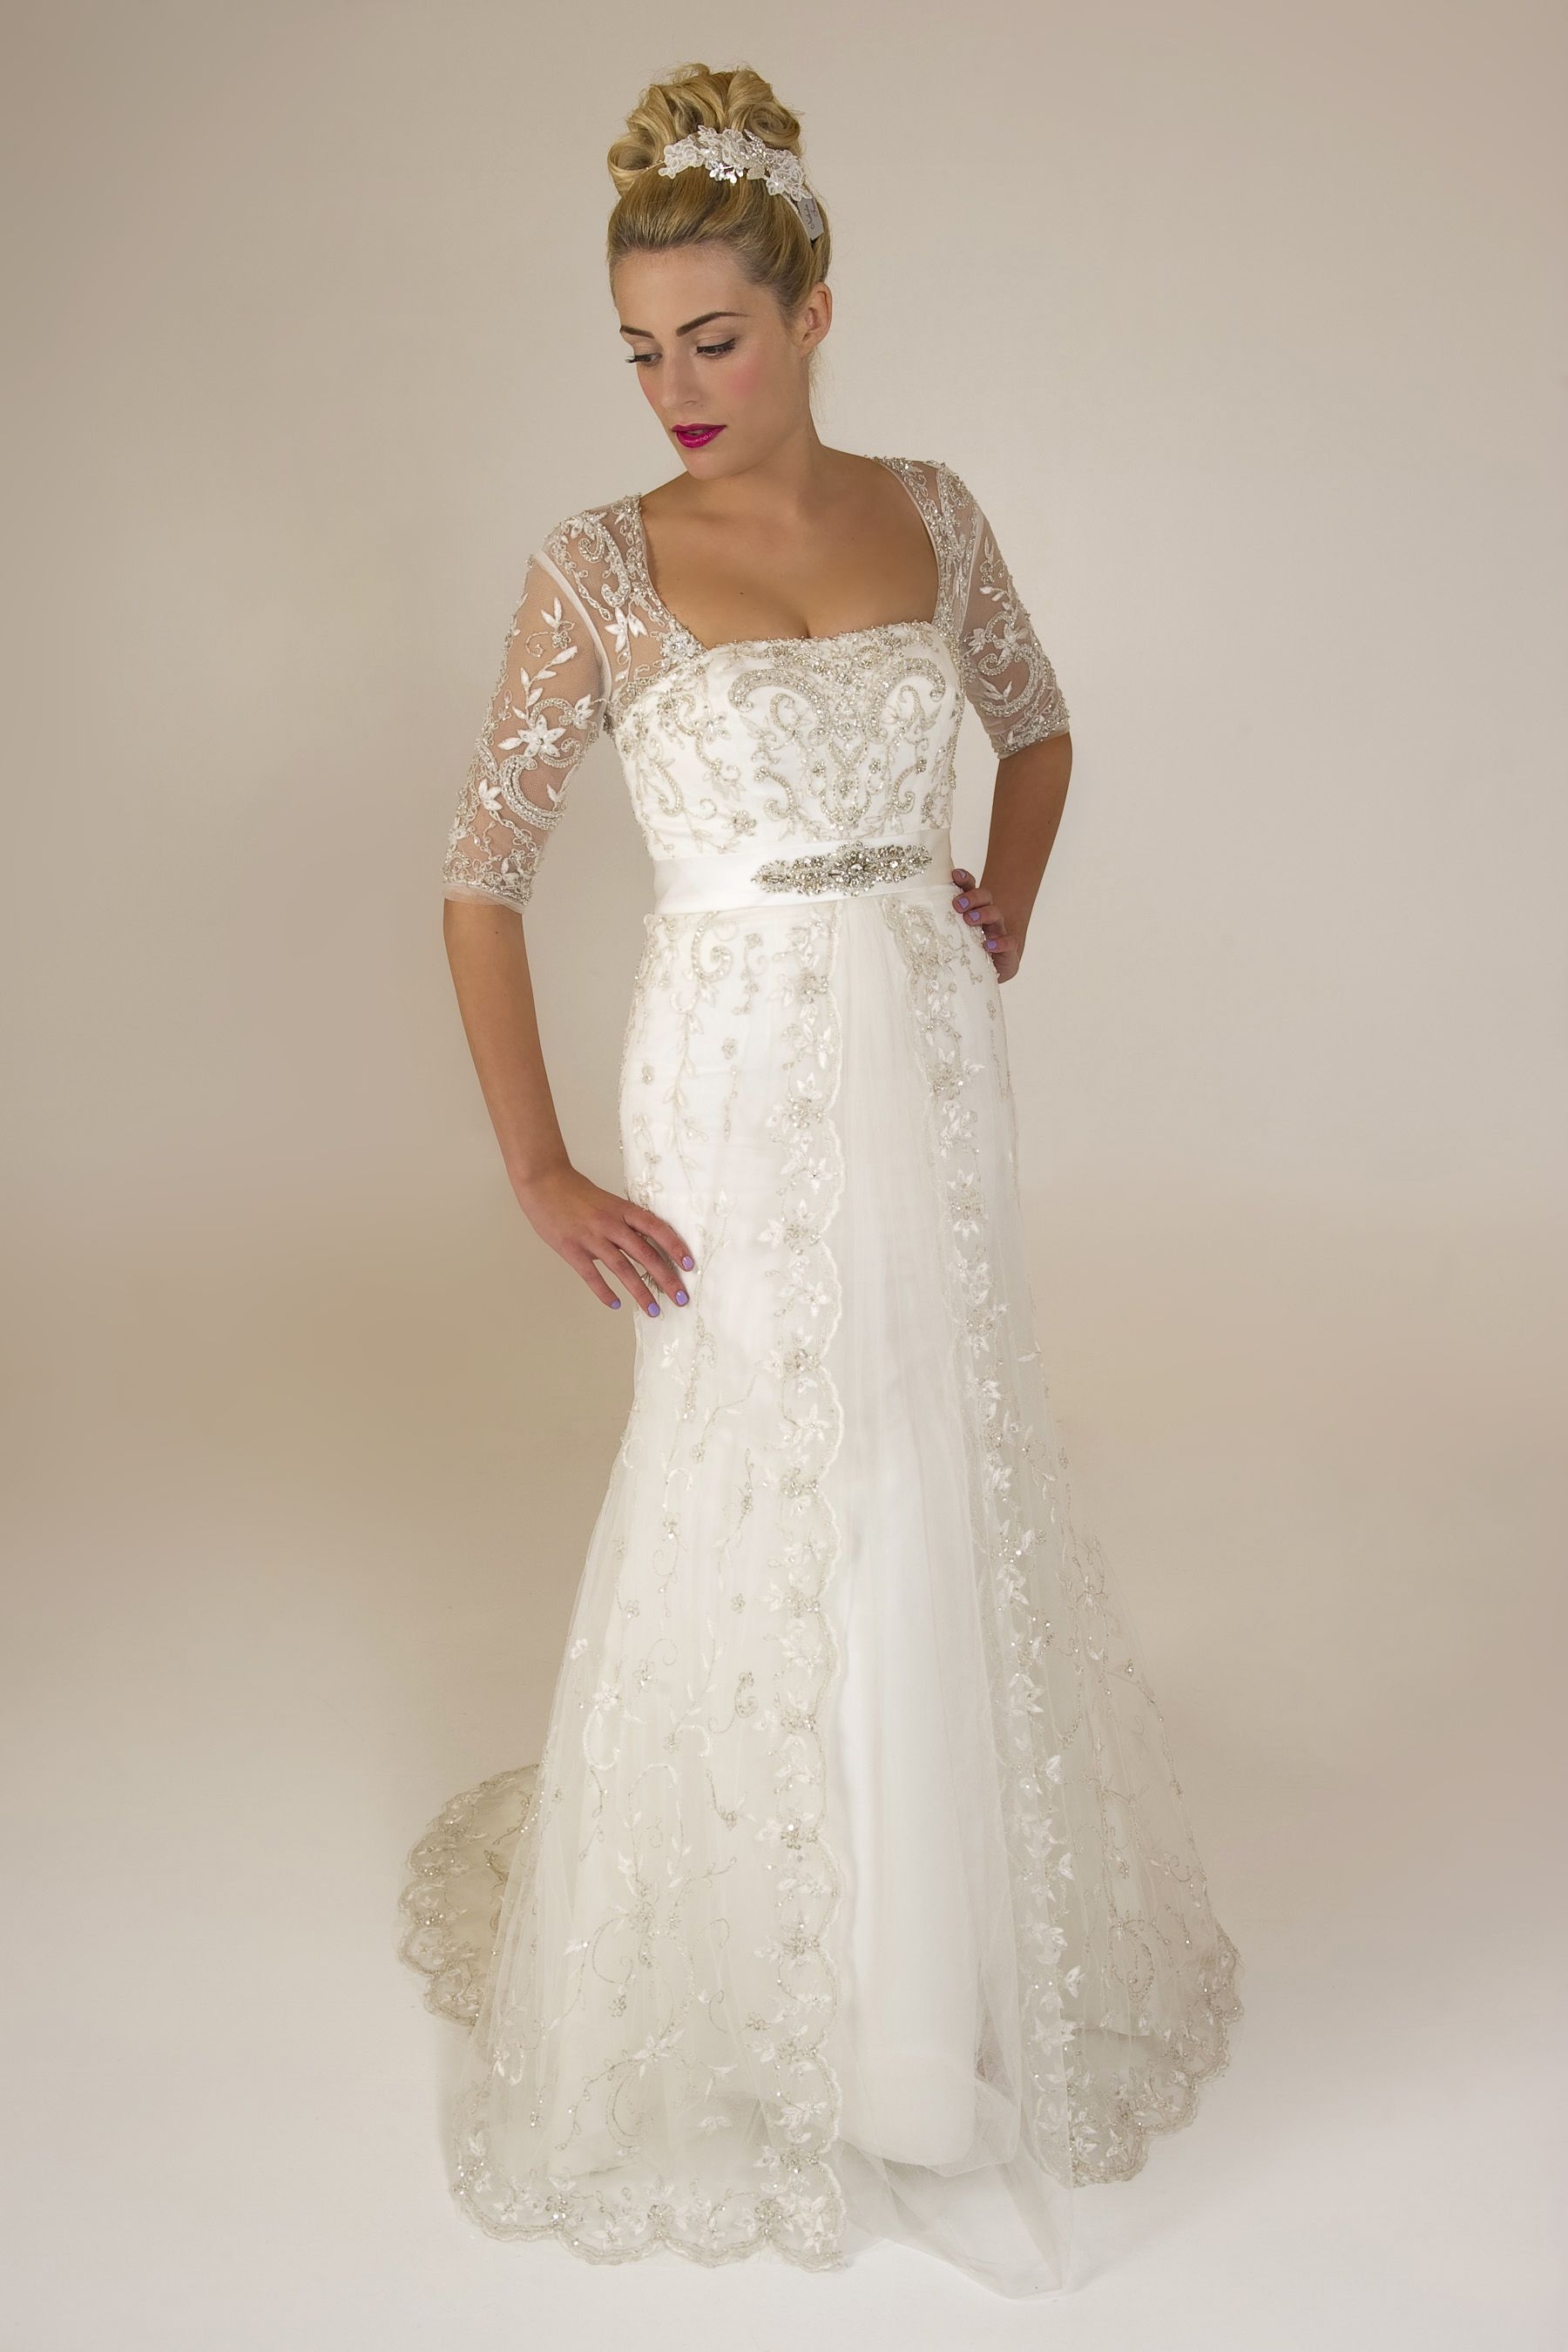 Anya Brides by Harvee vintage bridal gown Wedding